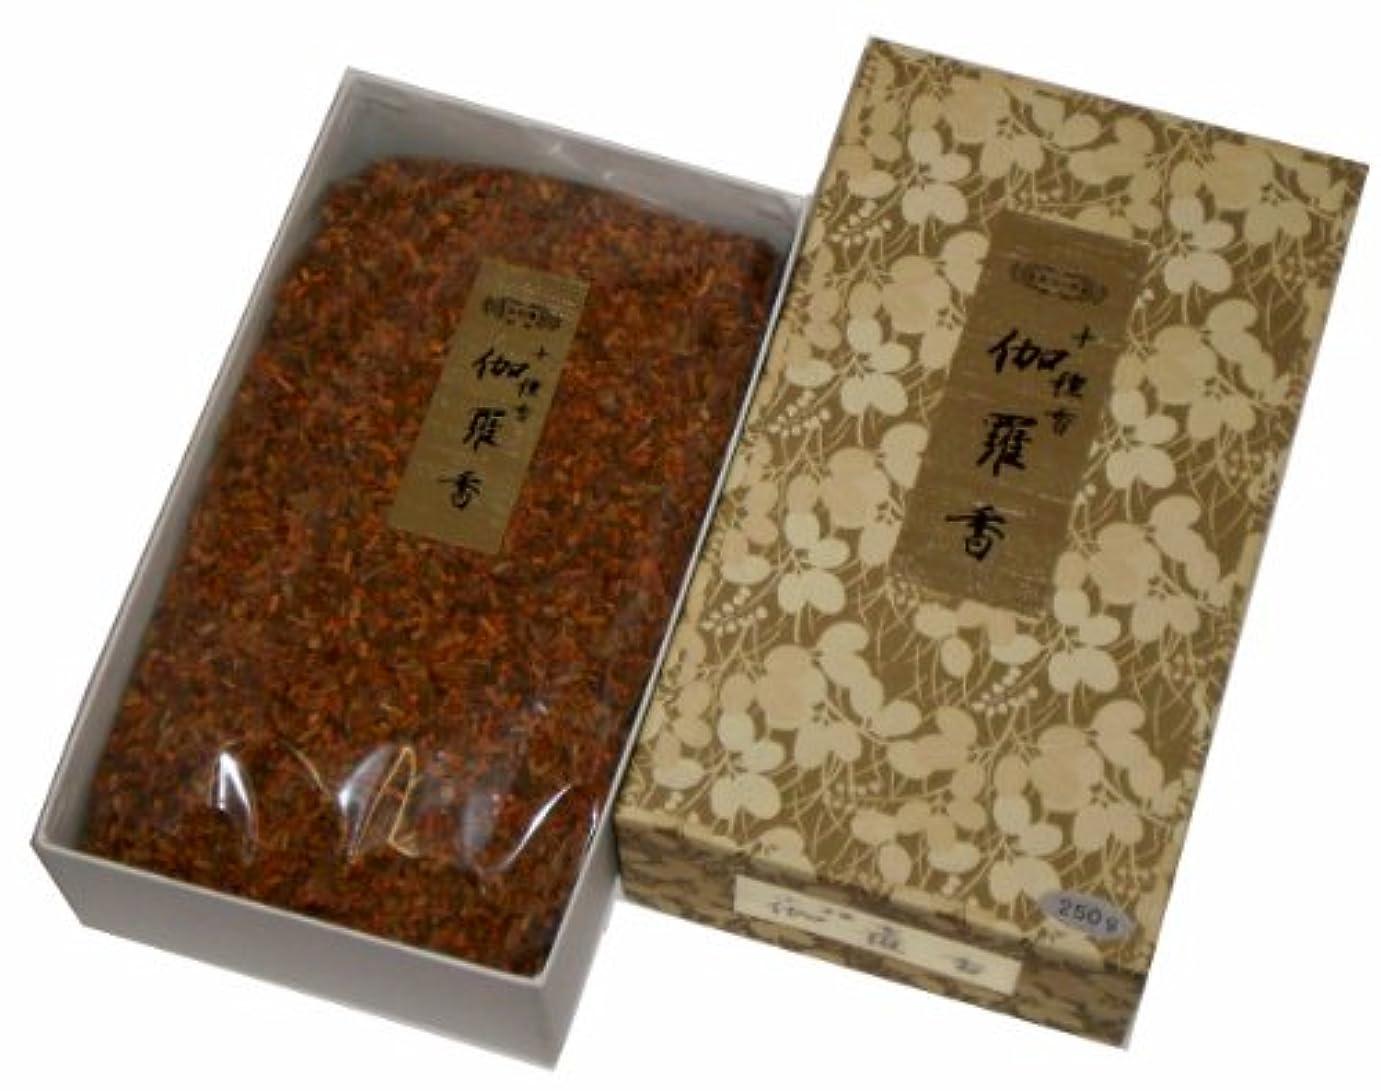 玉初堂のお香 伽羅香 250g #532